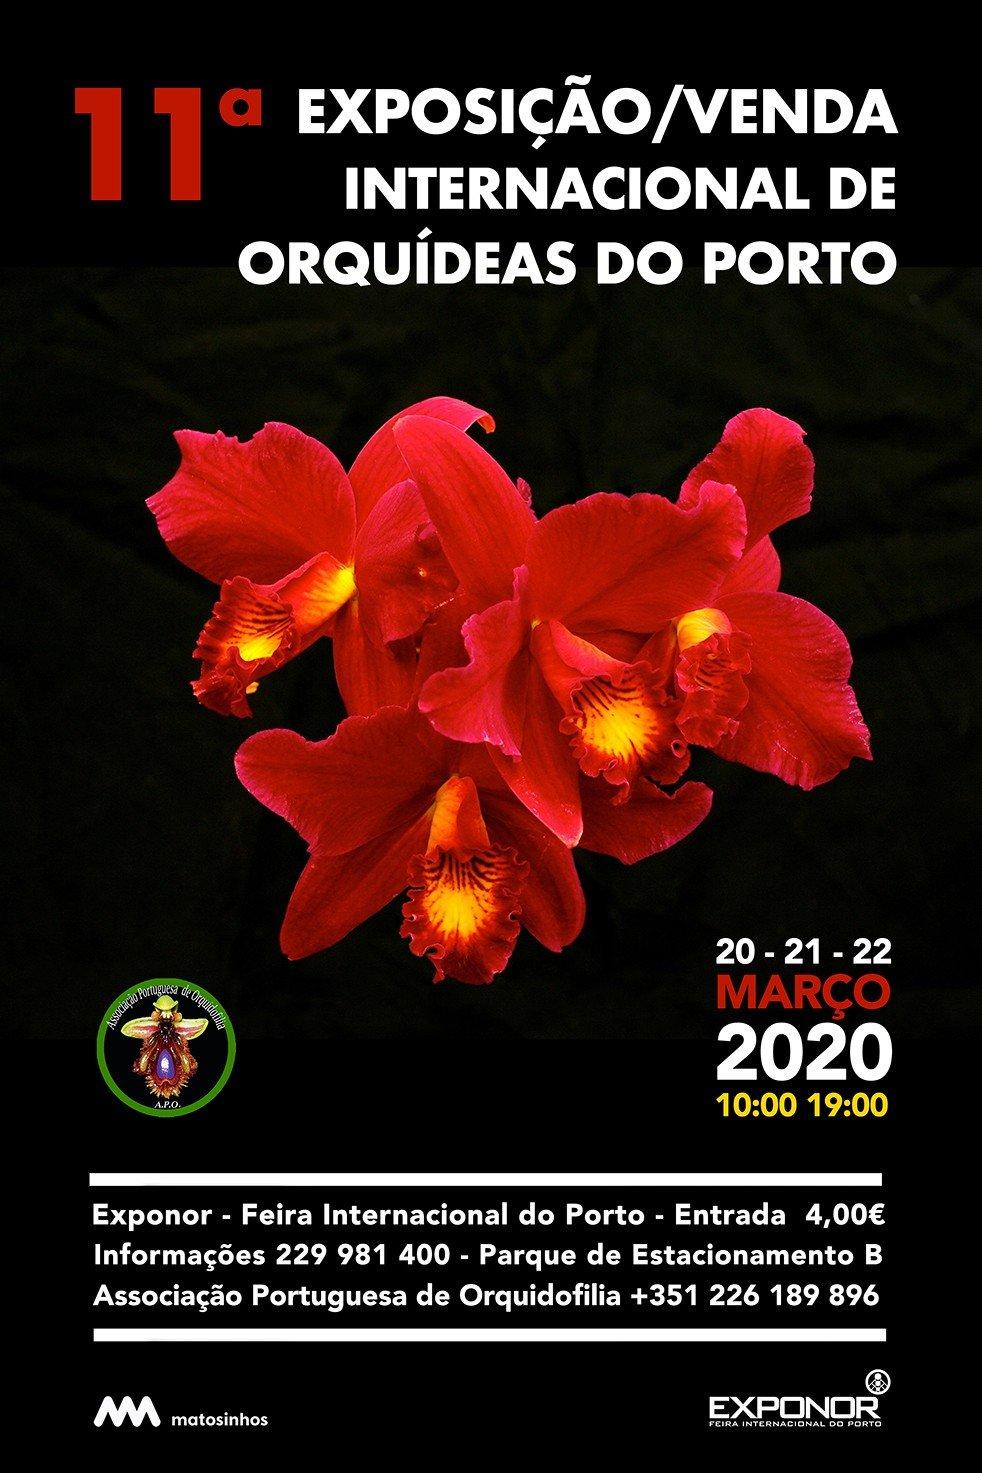 11.ª Exposição / Venda Internacional de Orquídeas do Porto